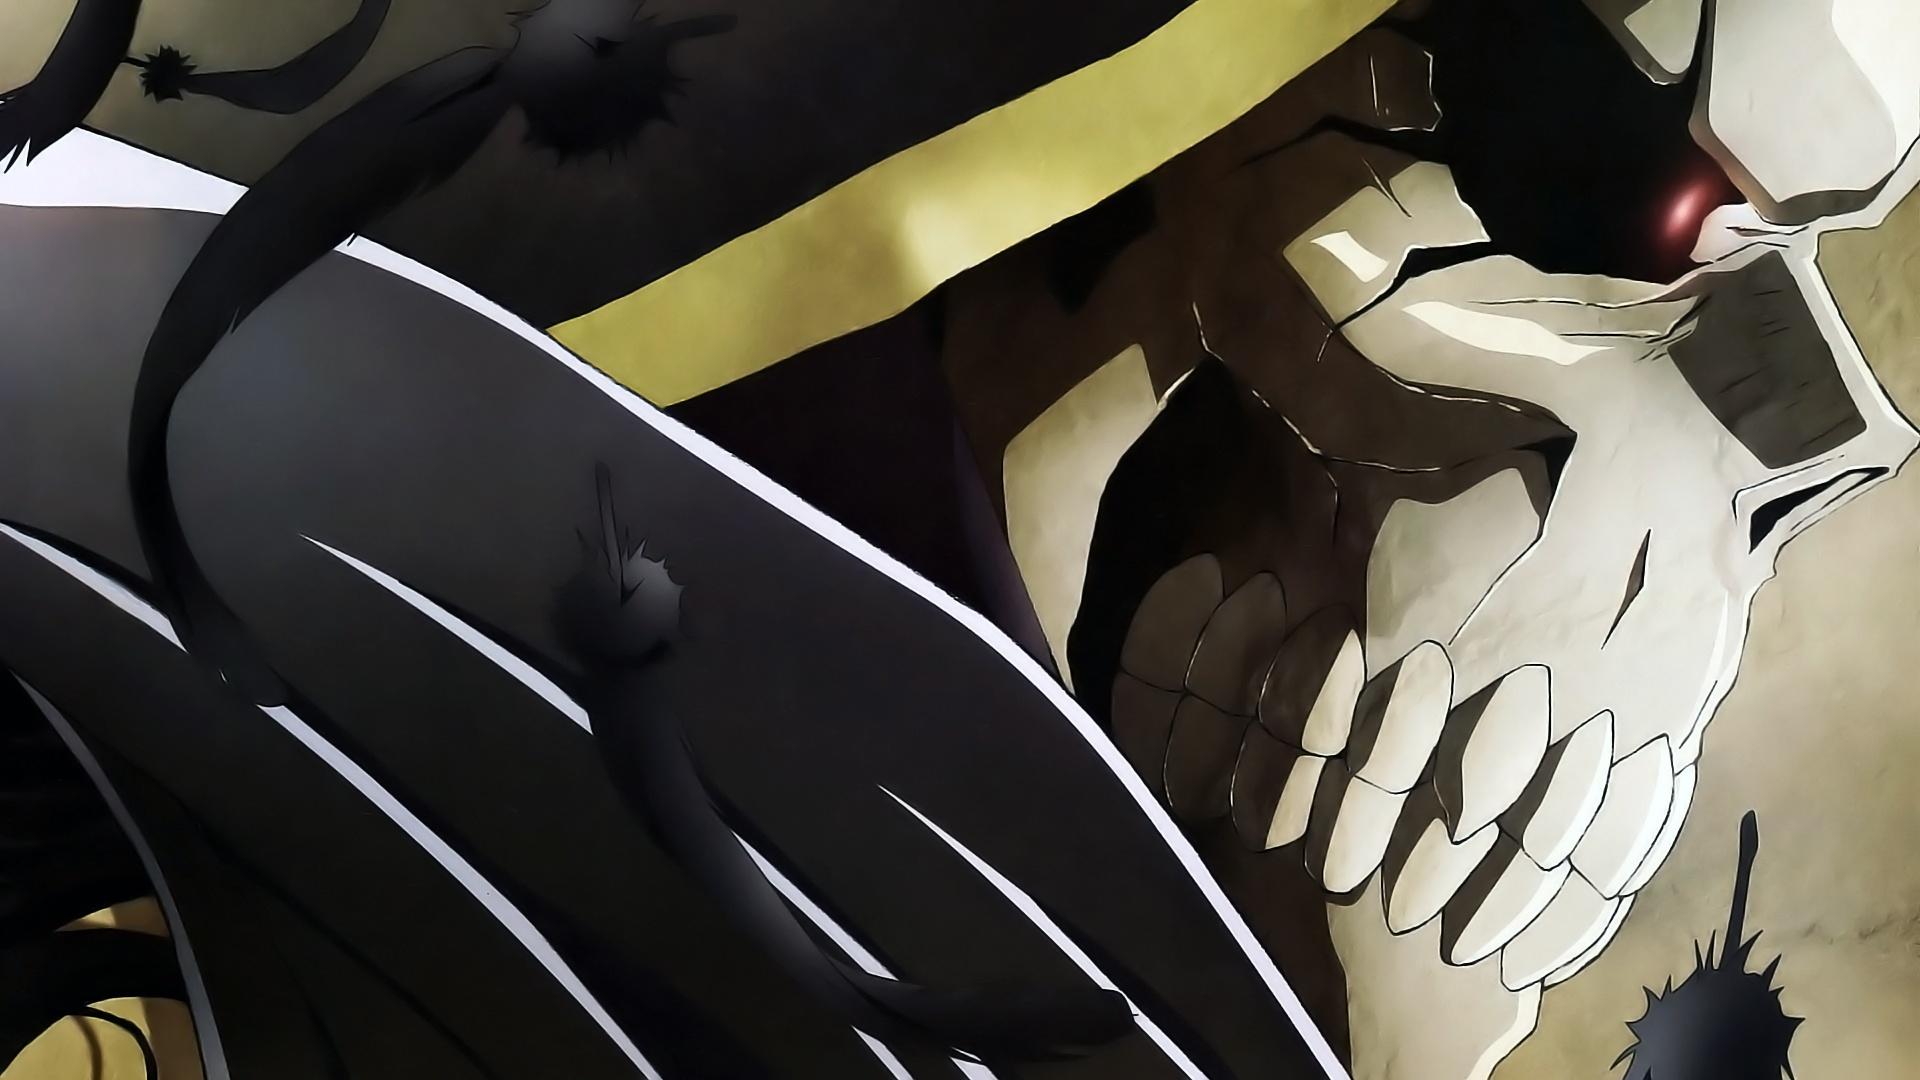 Wallpaper Keren Full Hd - Overlord Anime , HD Wallpaper & Backgrounds